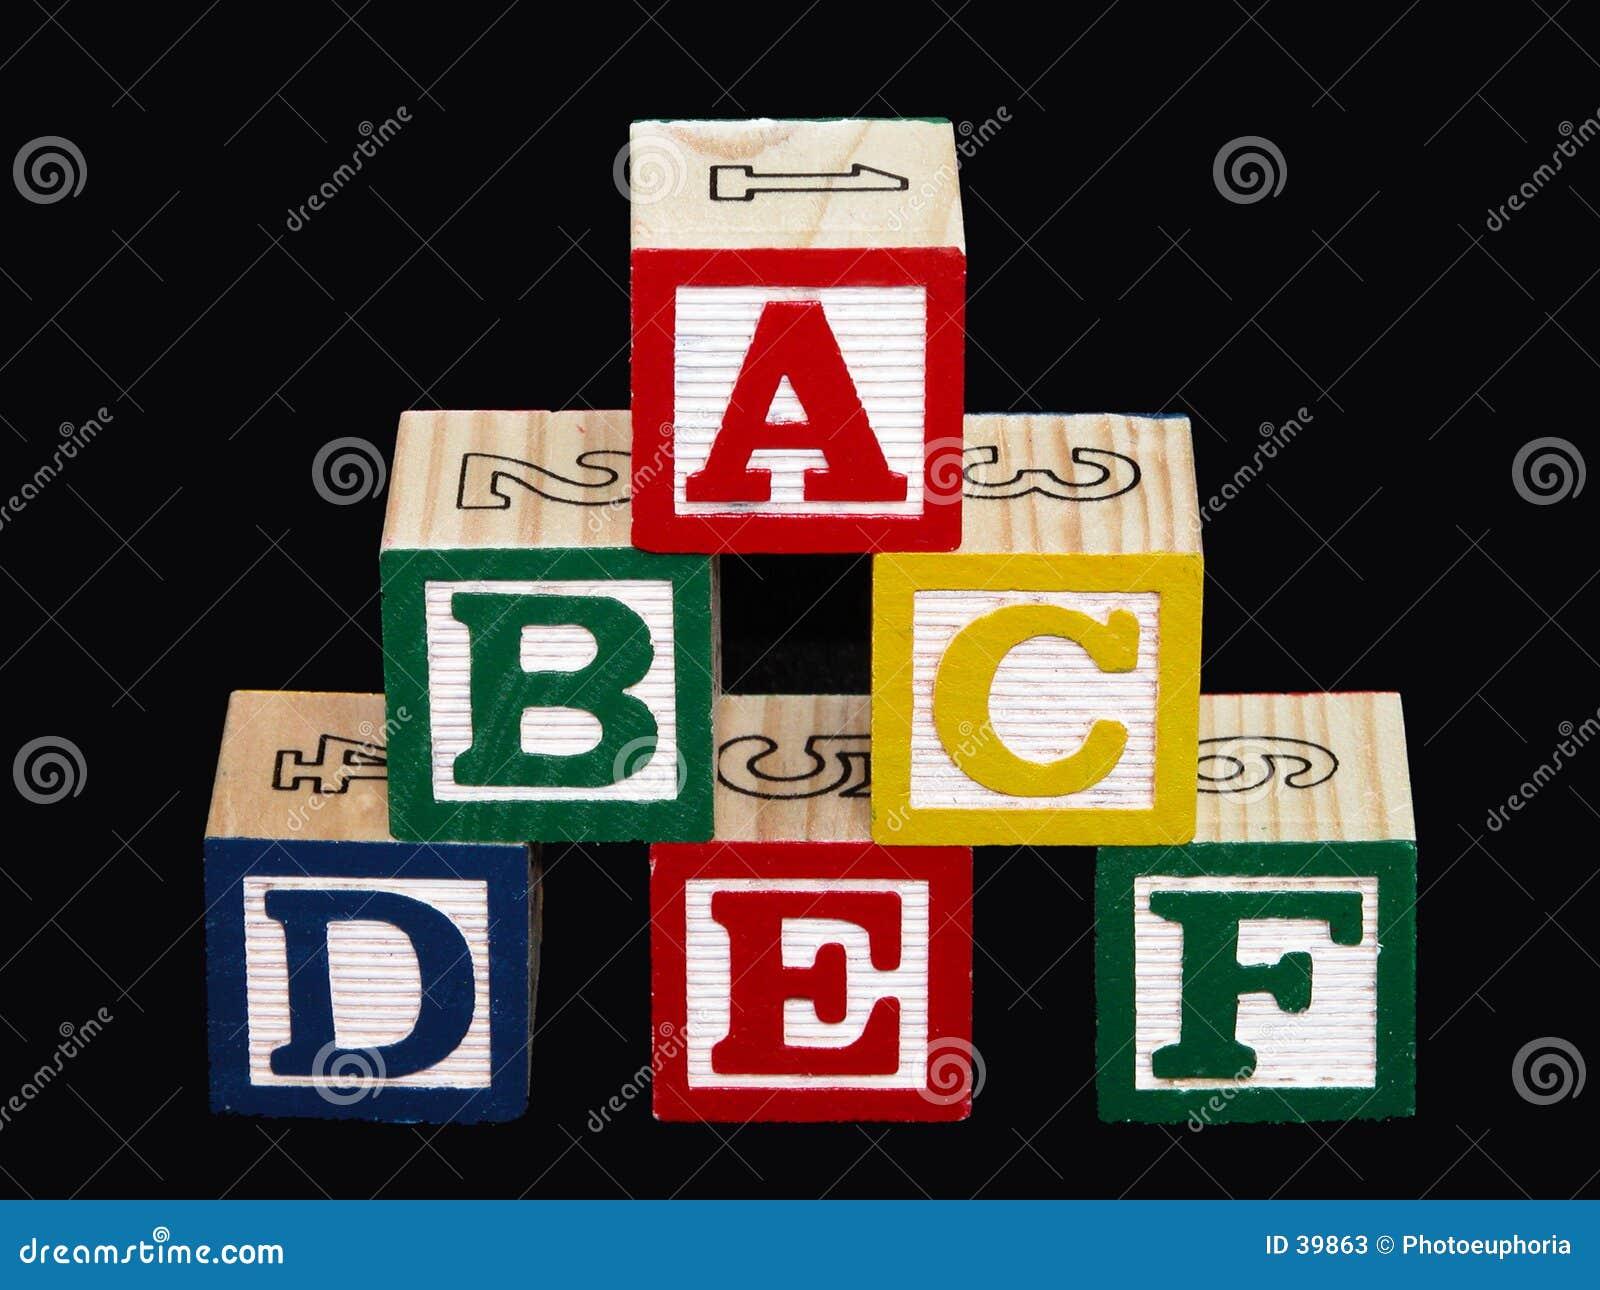 Download Bloques Del Alfabeto (A-F) En Negro Imagen de archivo - Imagen de alfabeto, bloques: 39863